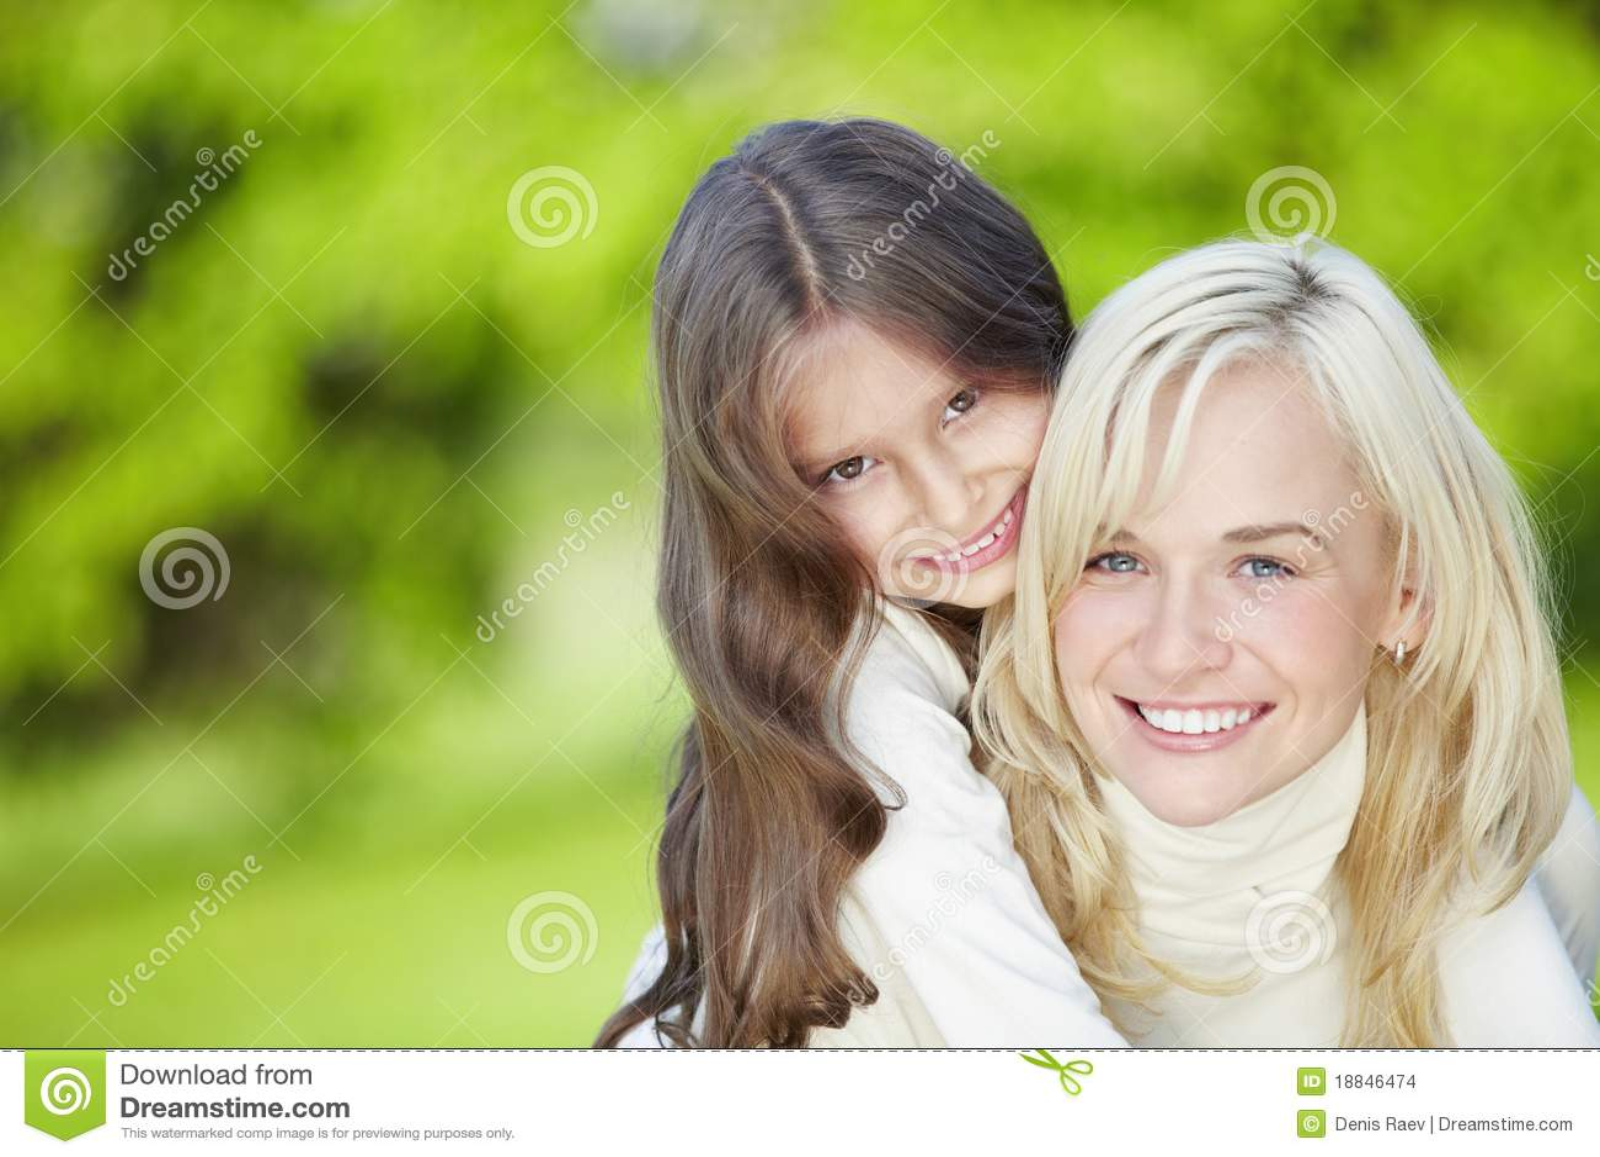 Фото мамку с дочкой 11 фотография